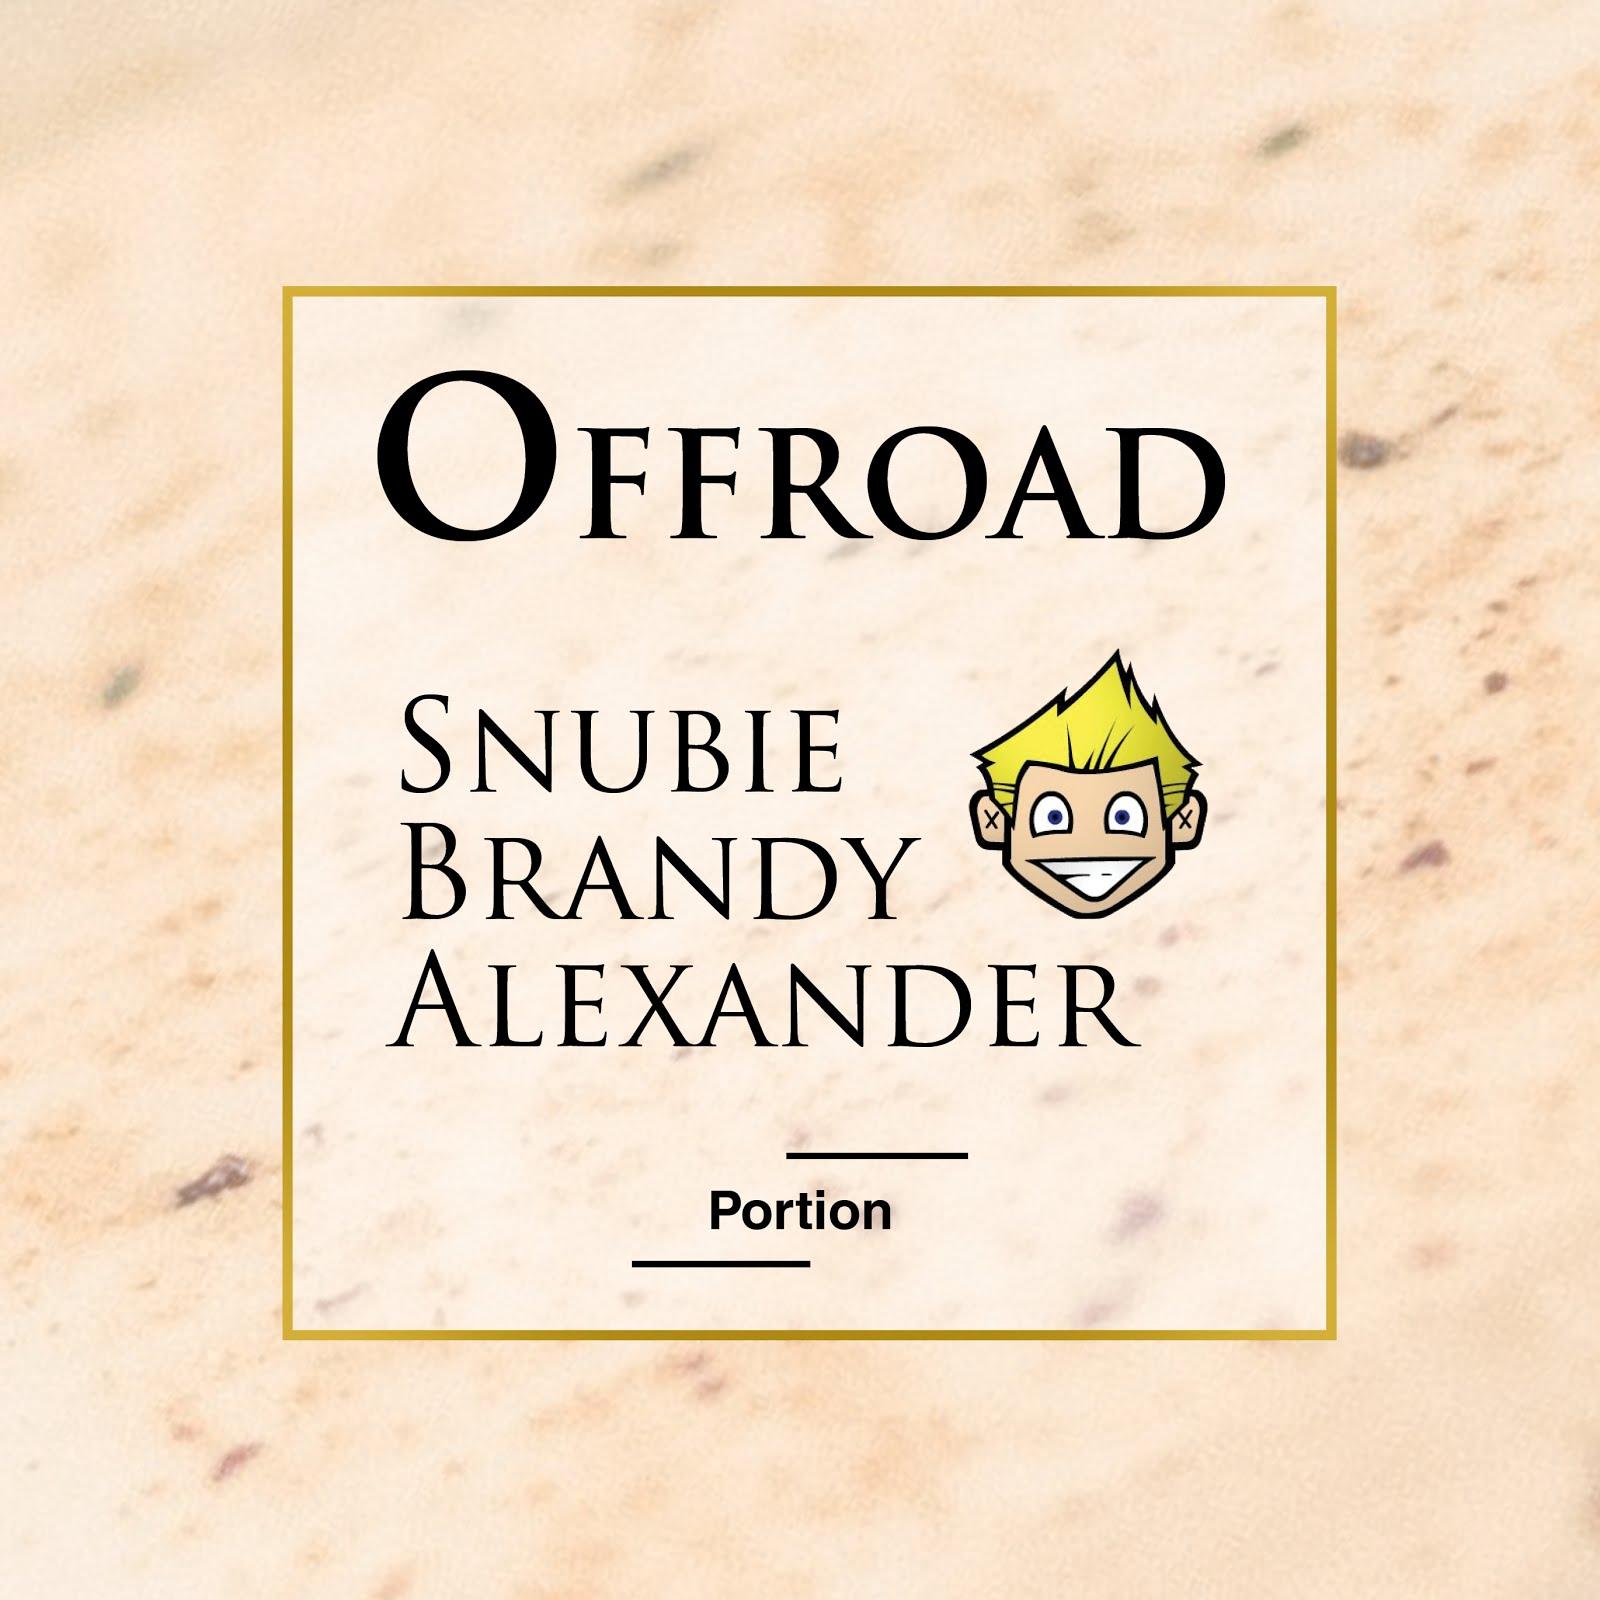 Snubie Brandy Alexander